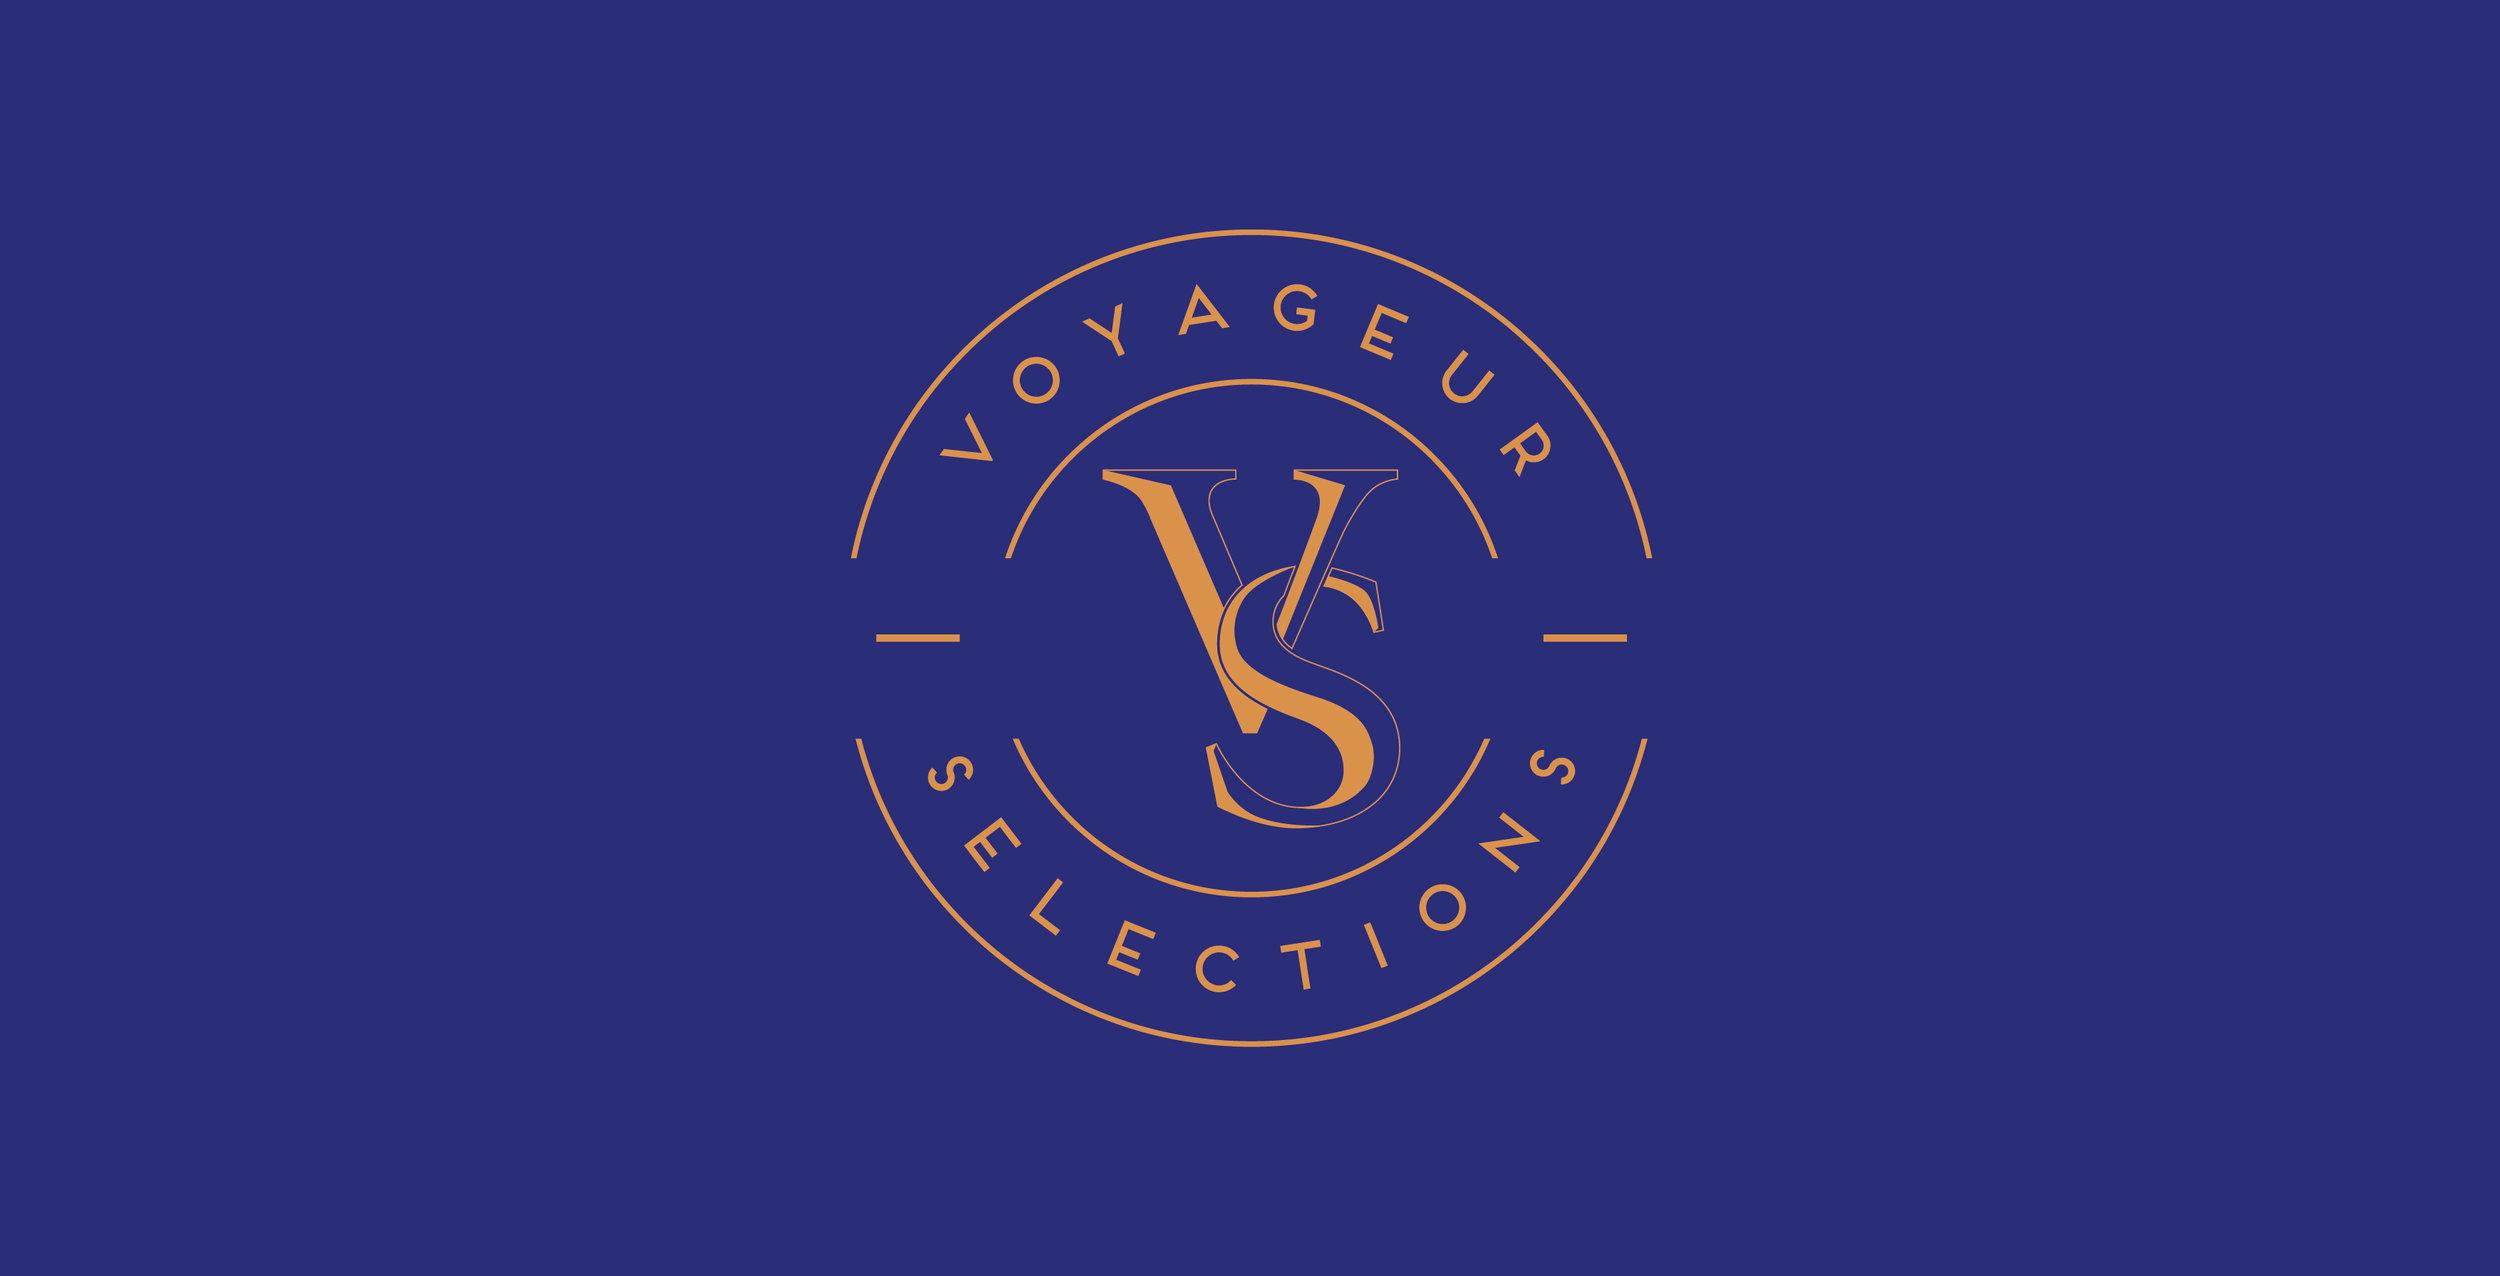 VS-Logos-02.jpg